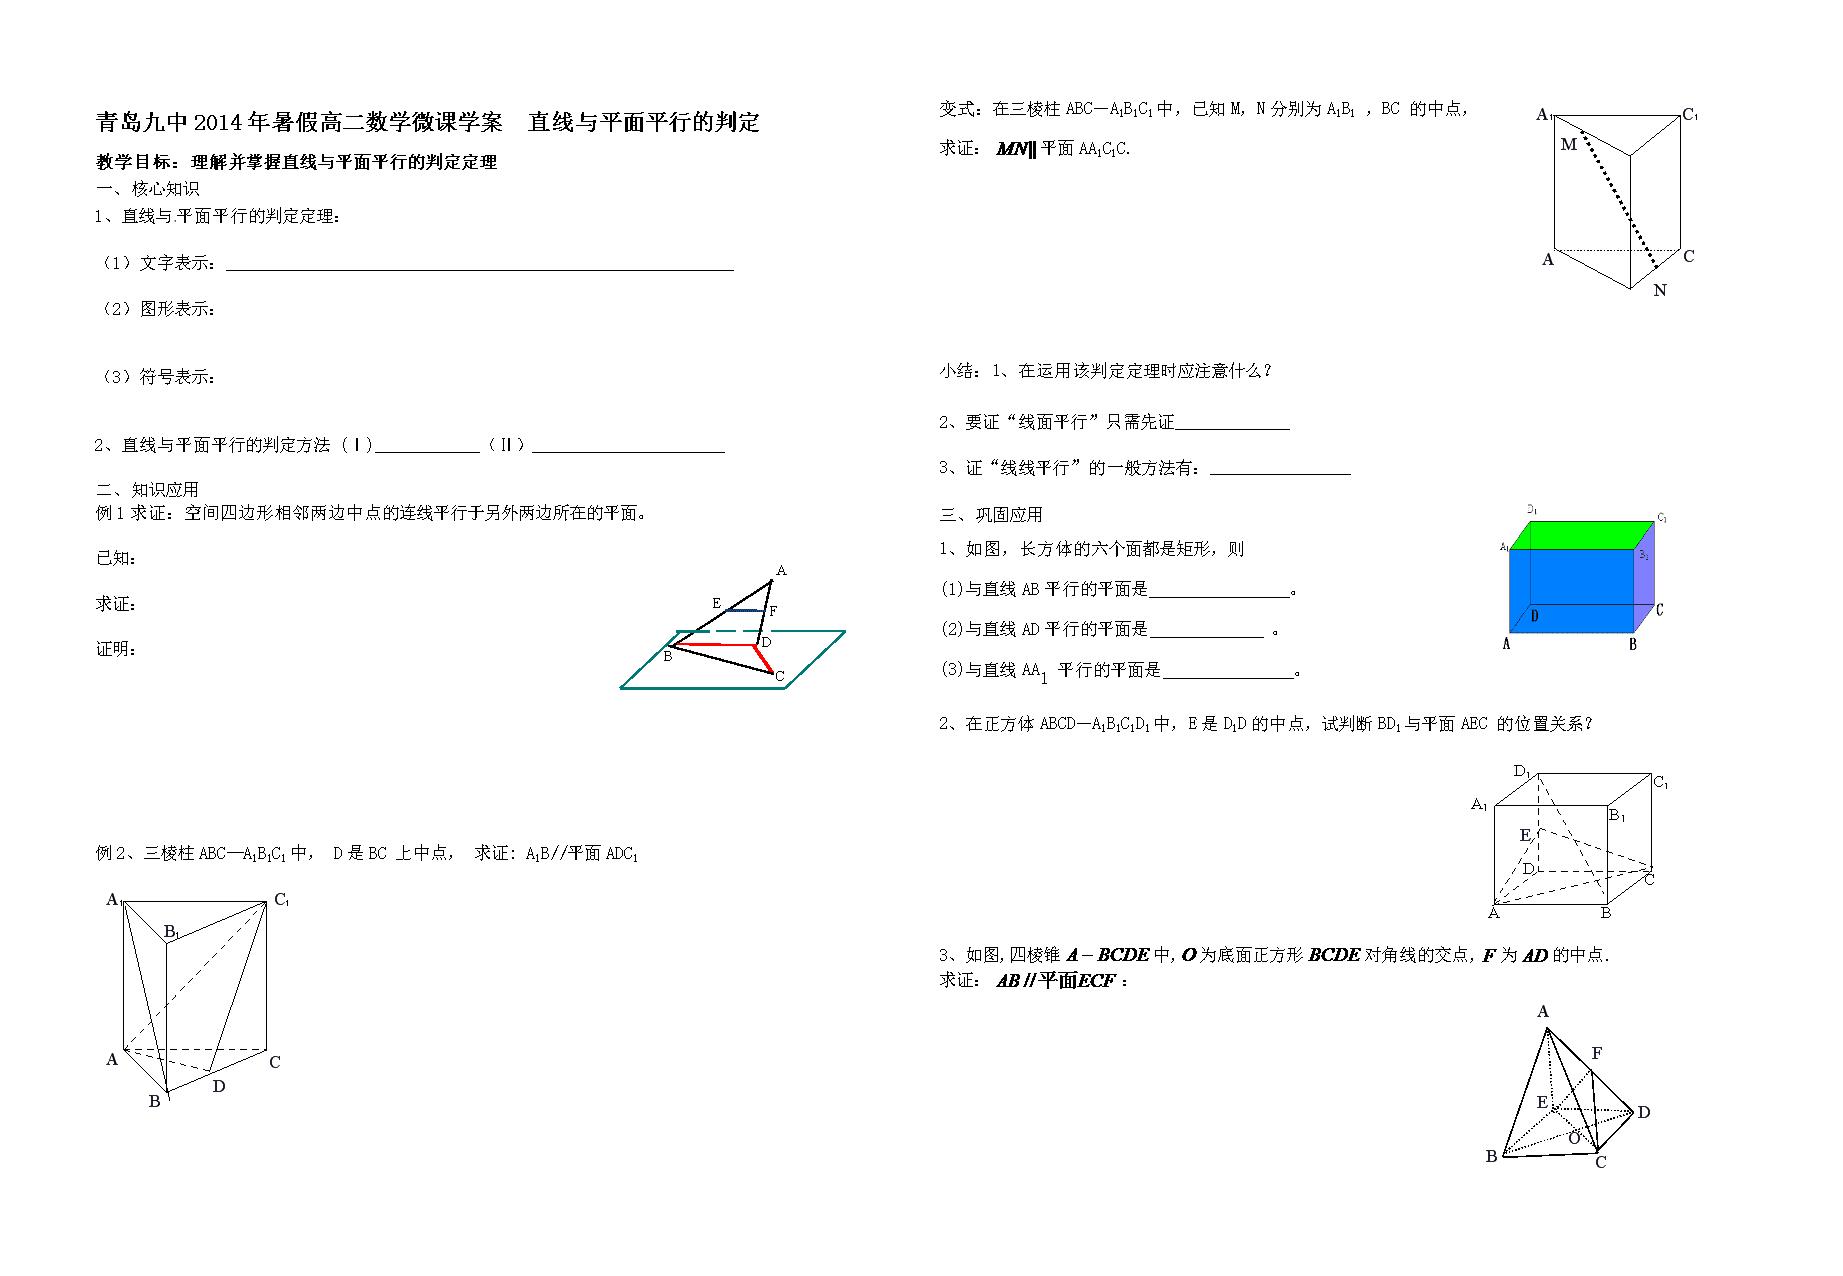 青岛九中2014年暑假高二数学微课学案 直线与平面平行的判定.doc